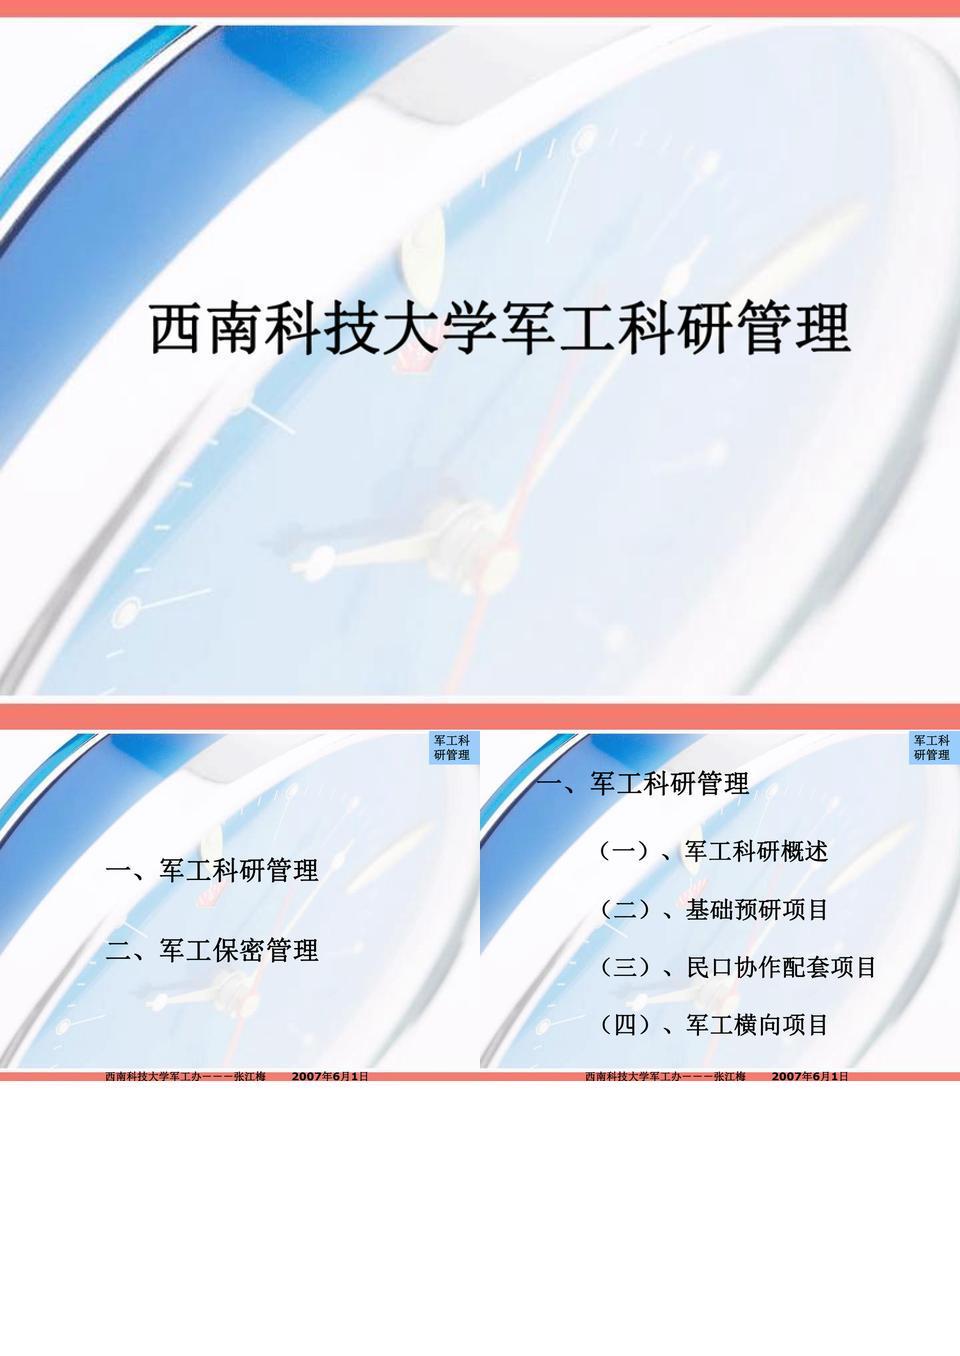 军工科研管理.ppt